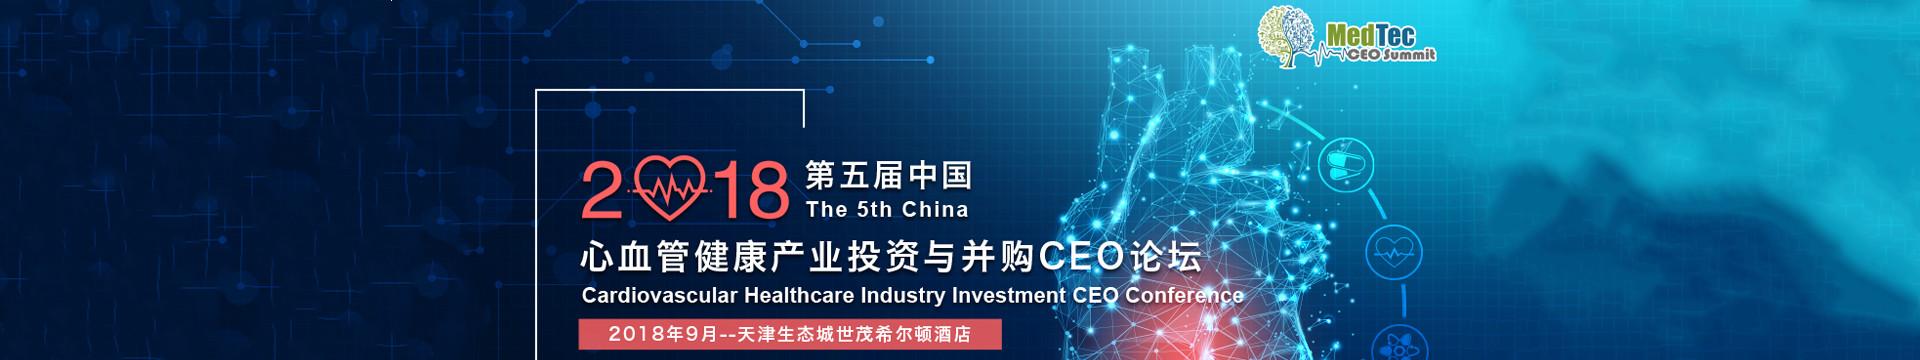 2018第五届中国心血管健康产业投资与并购CEO论坛